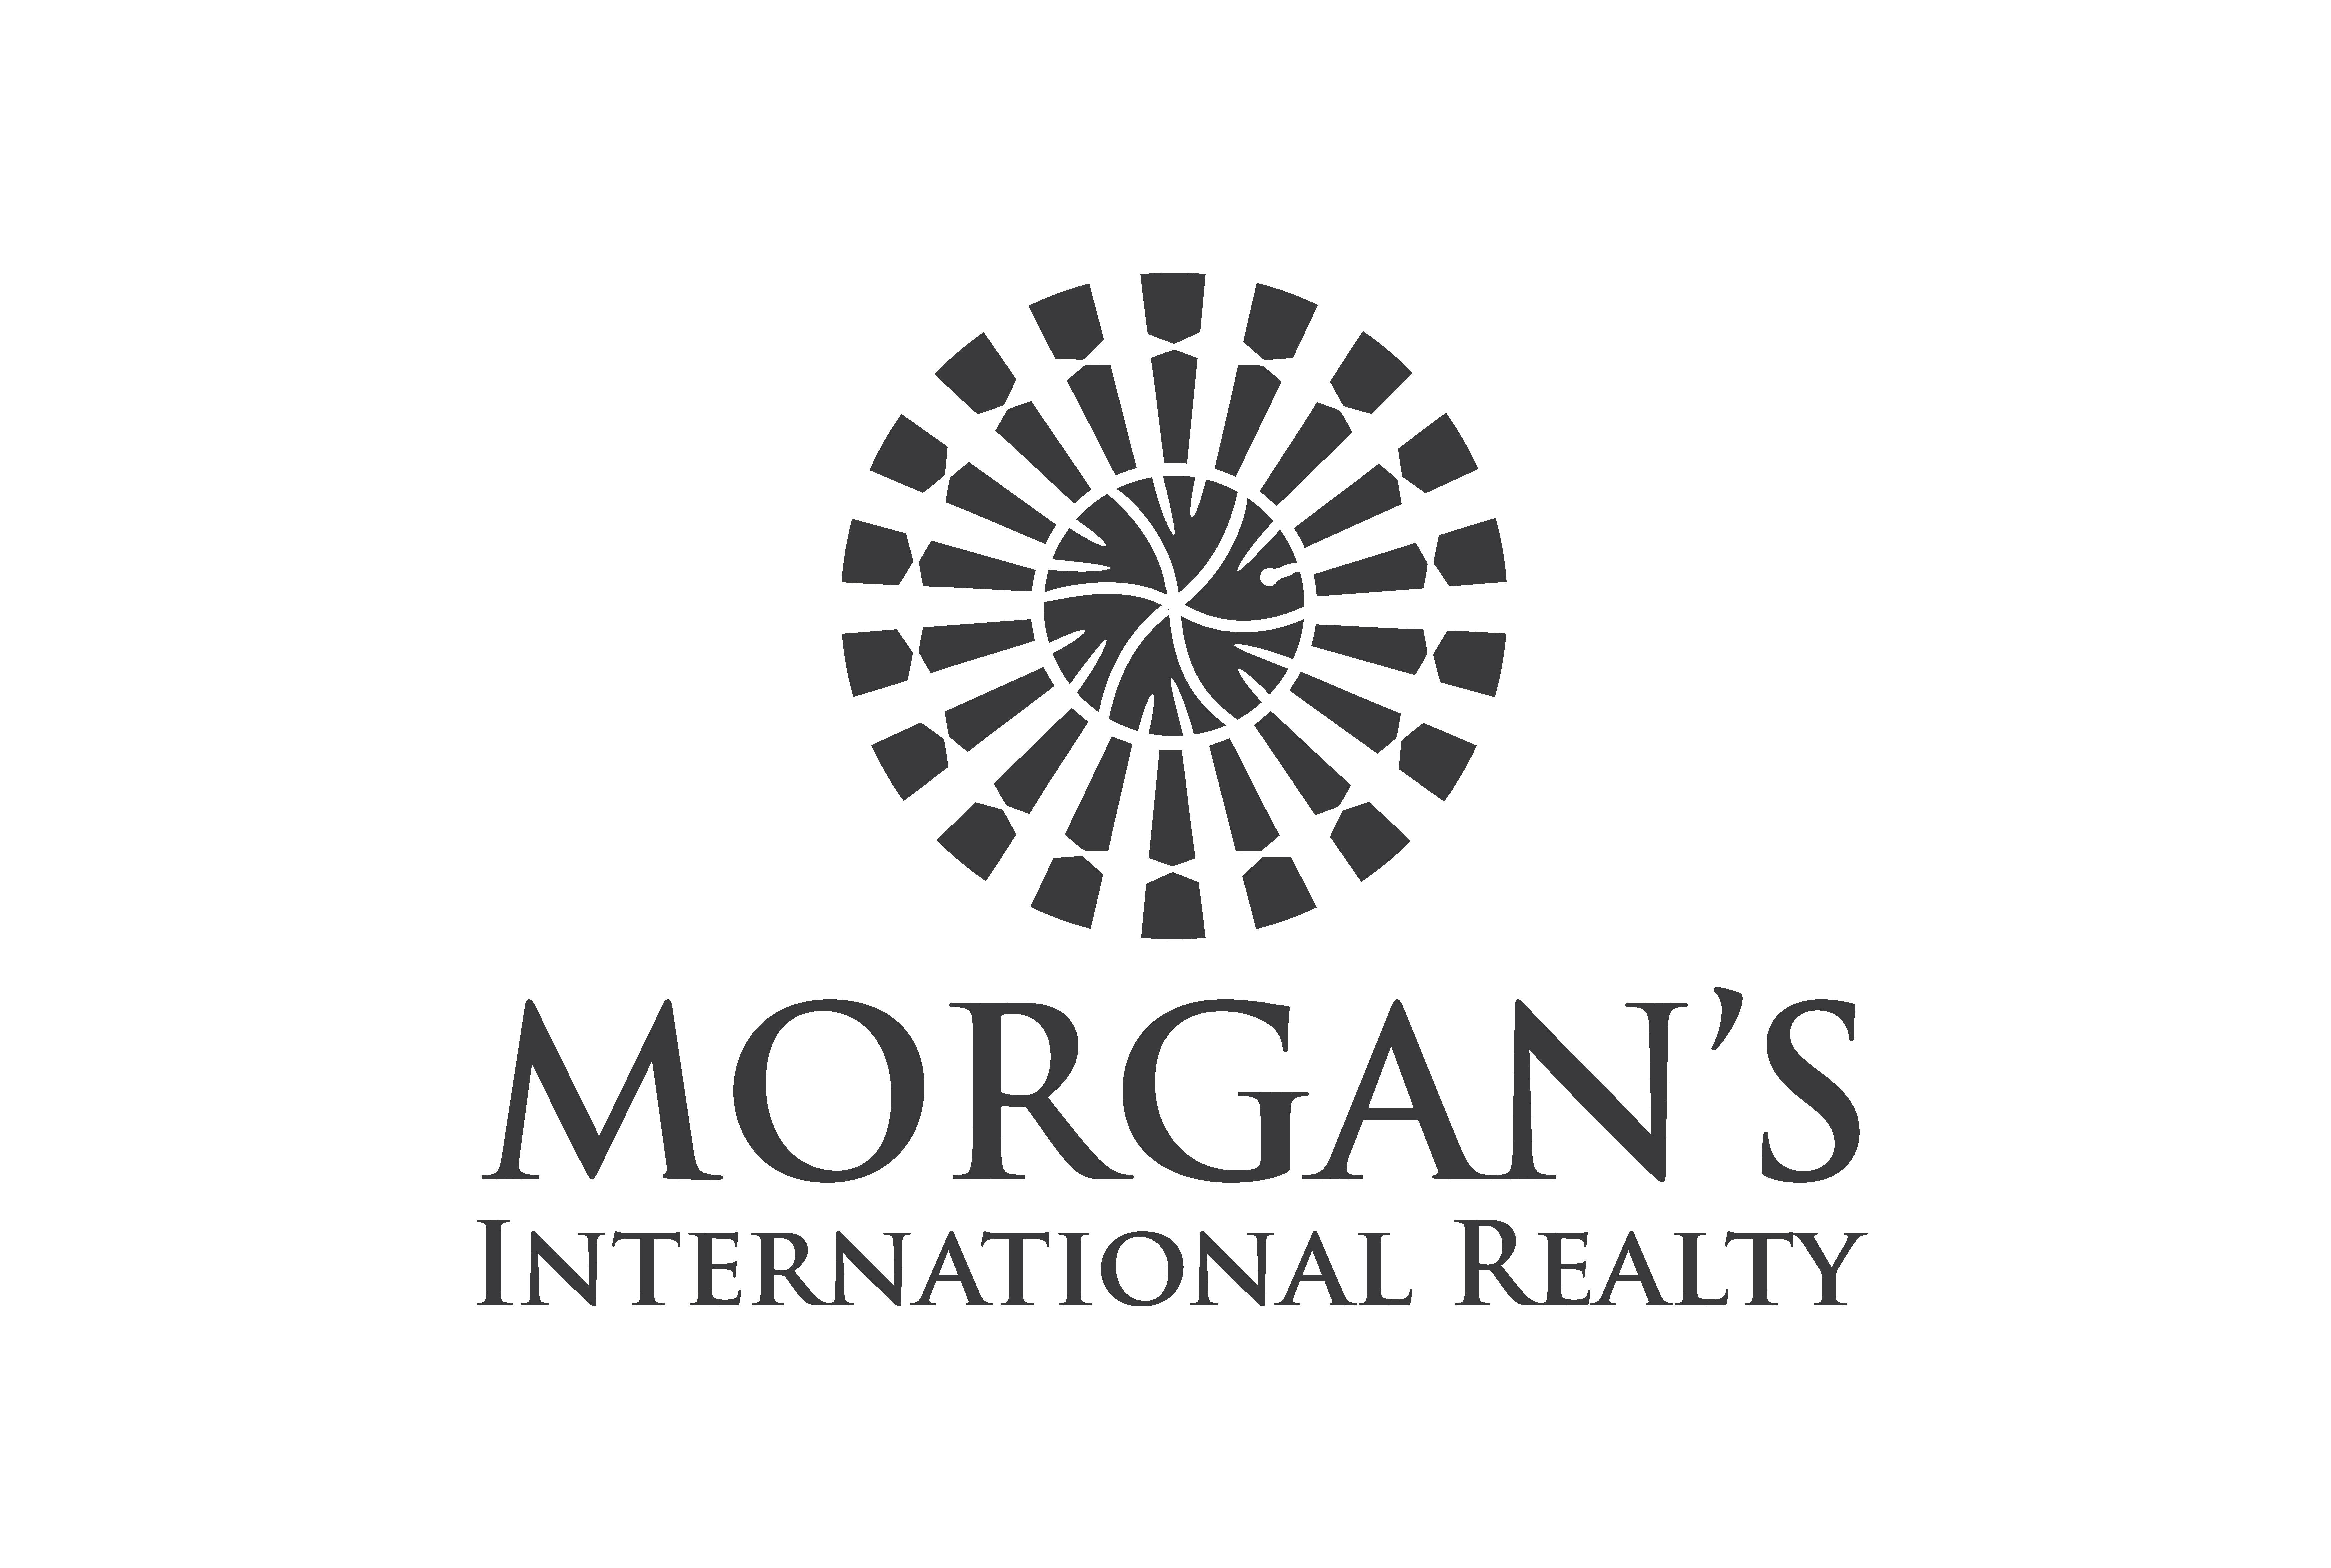 Morgan International Realty